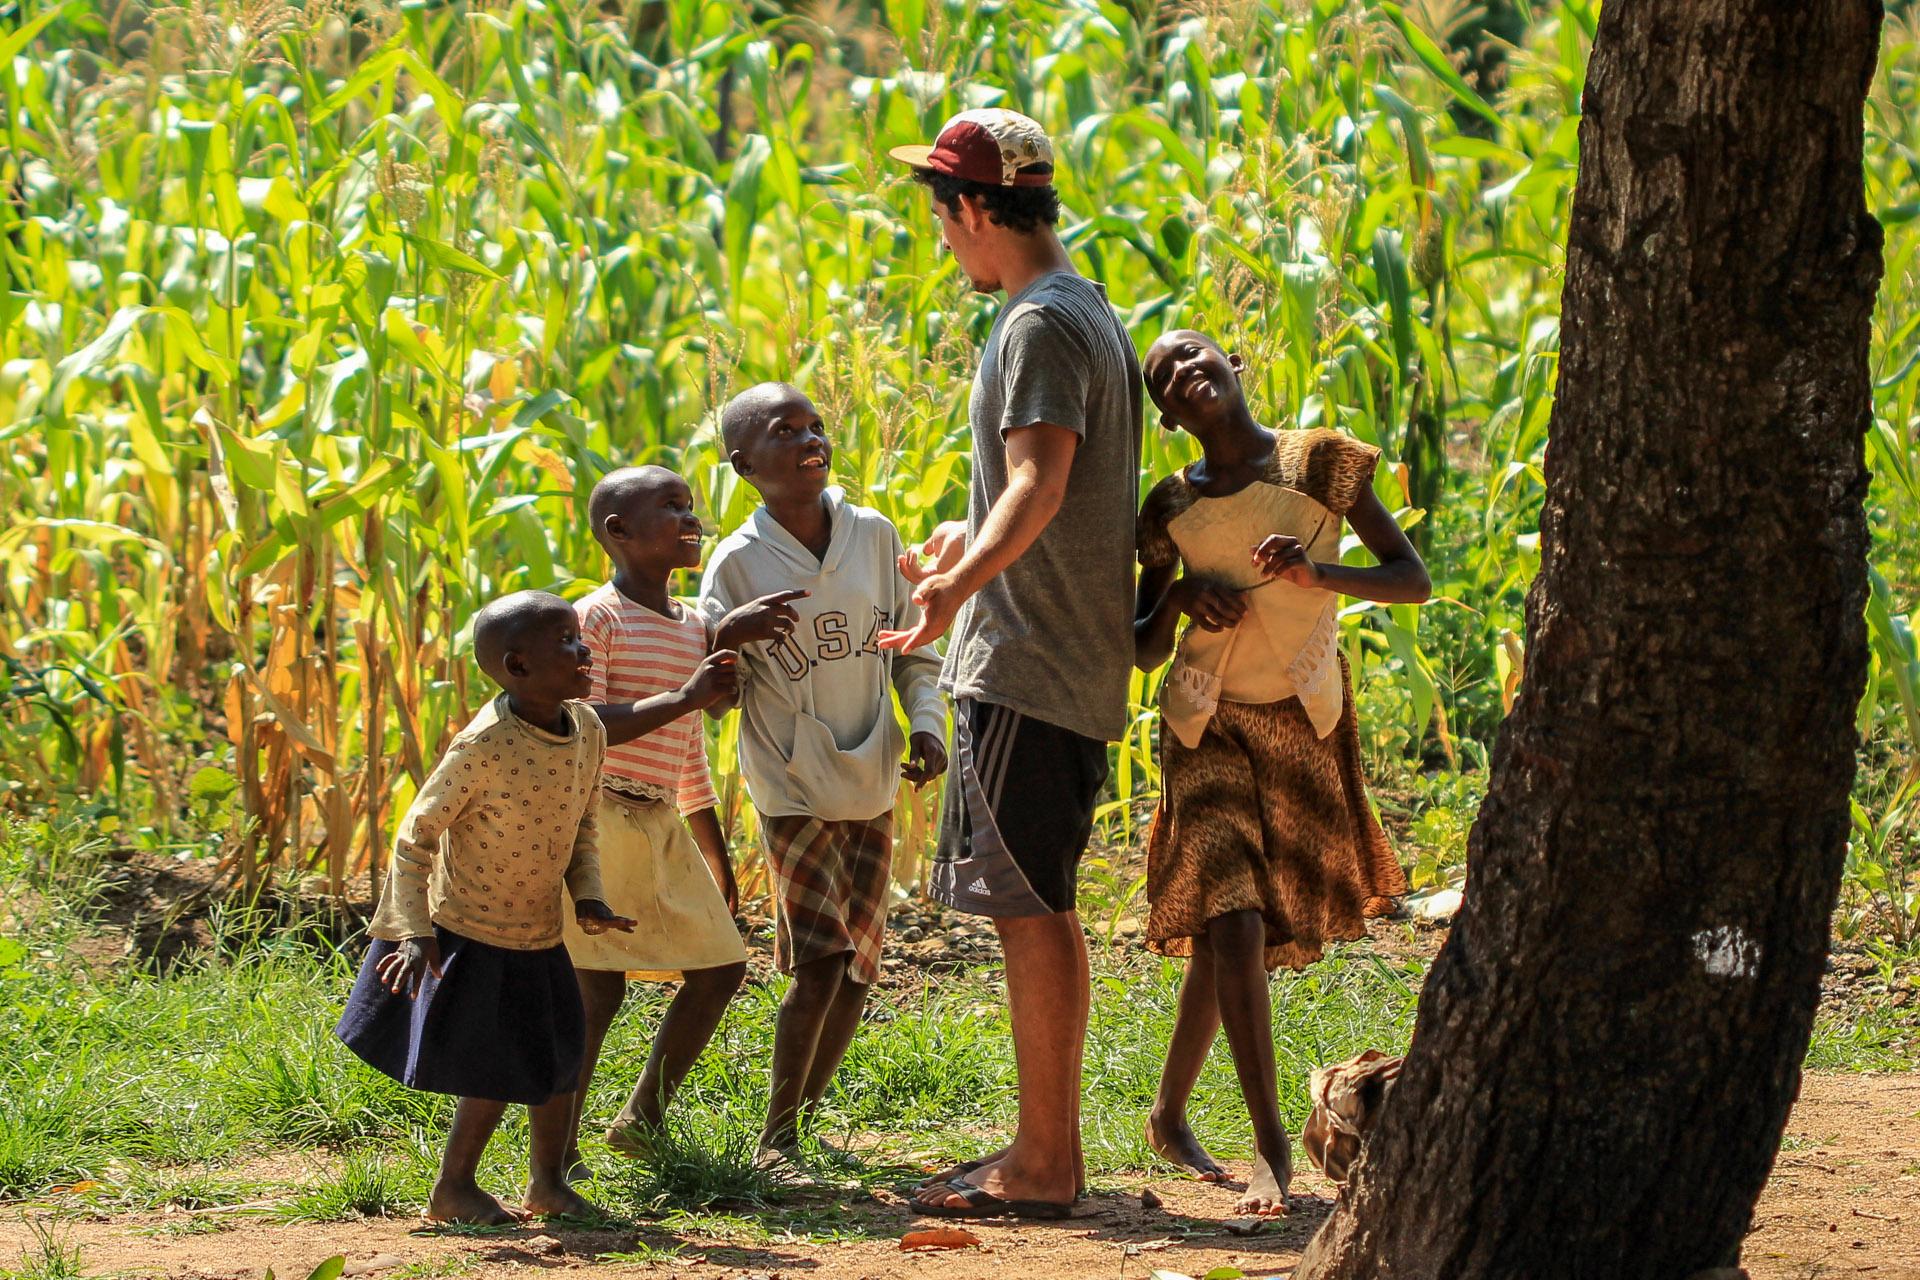 Volunteer in Kenya – True friendships by Justin from the U.S.